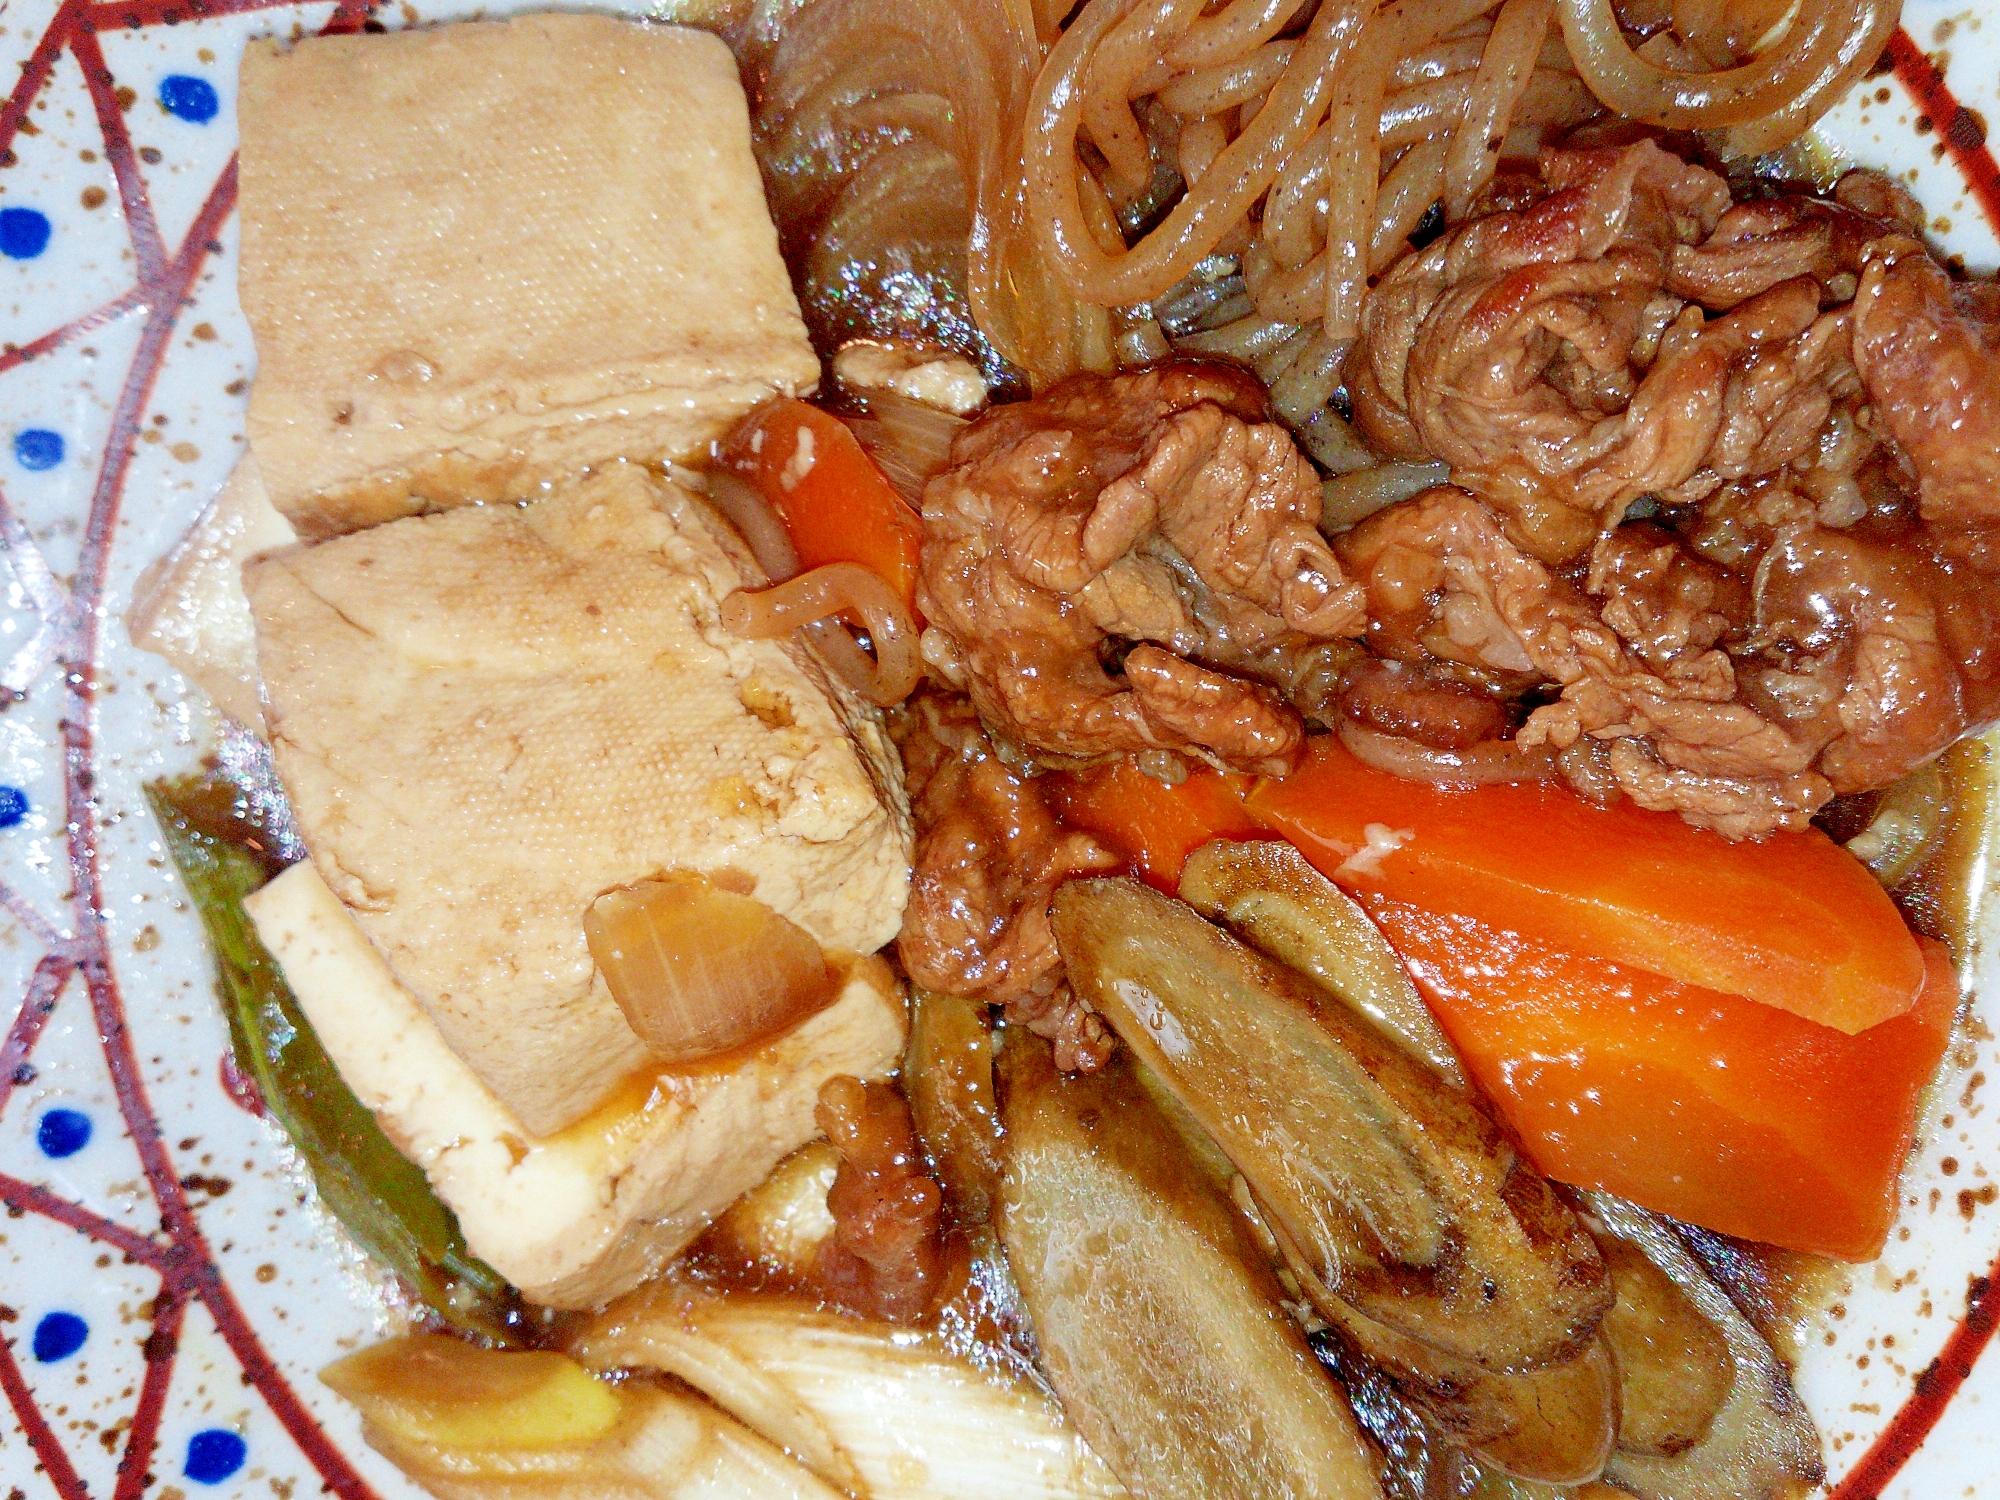 ご飯に合う!本格的な居酒屋の味!すき焼き風の肉豆腐